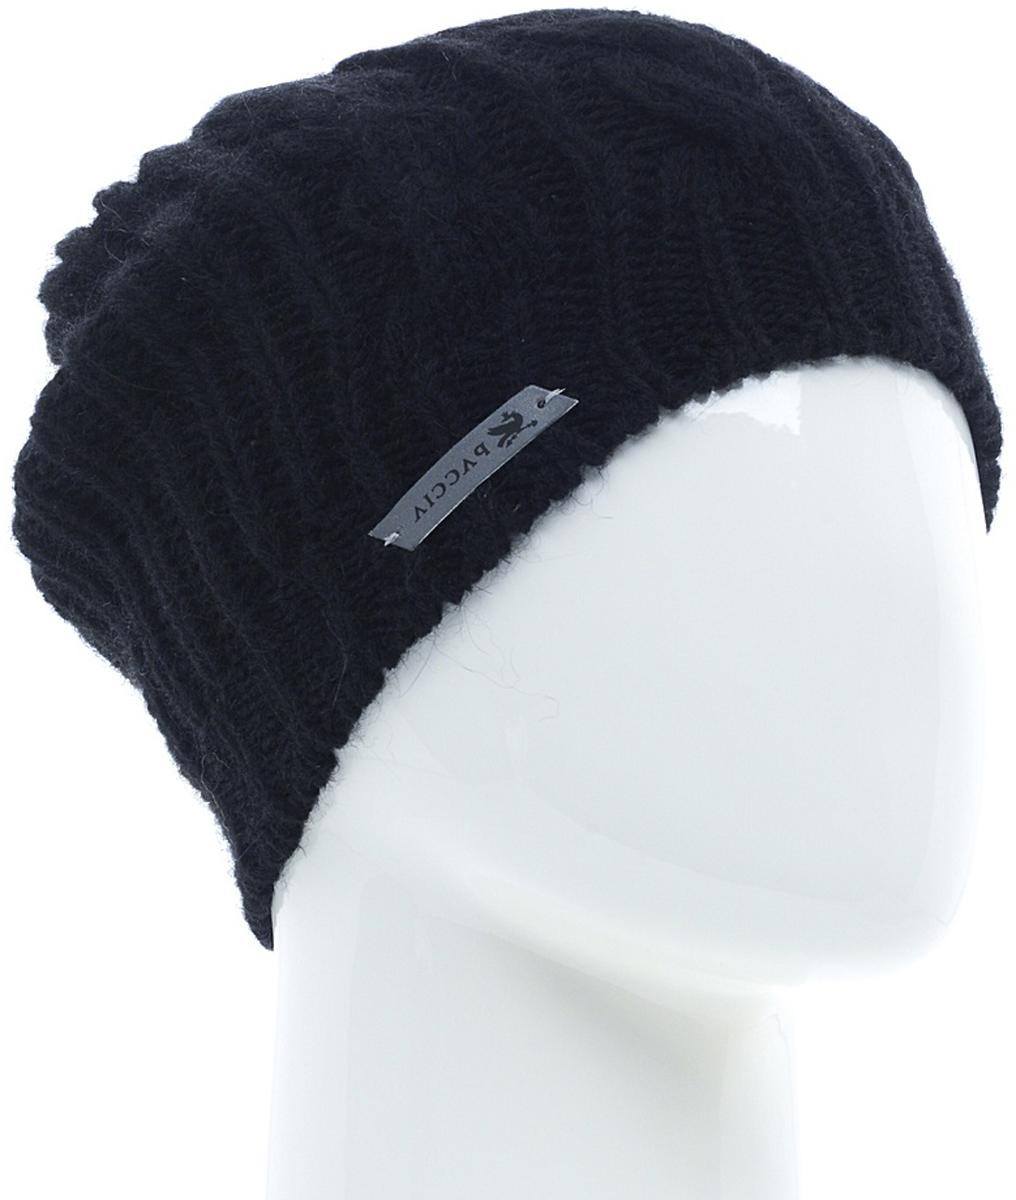 Шапка женская Paccia, цвет: черный. NR-21708-3. Размер 55/58NR-21708-3Вязаная женская шапка-бини Paccia выполнена из акрила с добавлением шерсти. Эта шапка не только согреет в холодную погоду, но и стильно дополнит ваш образ.